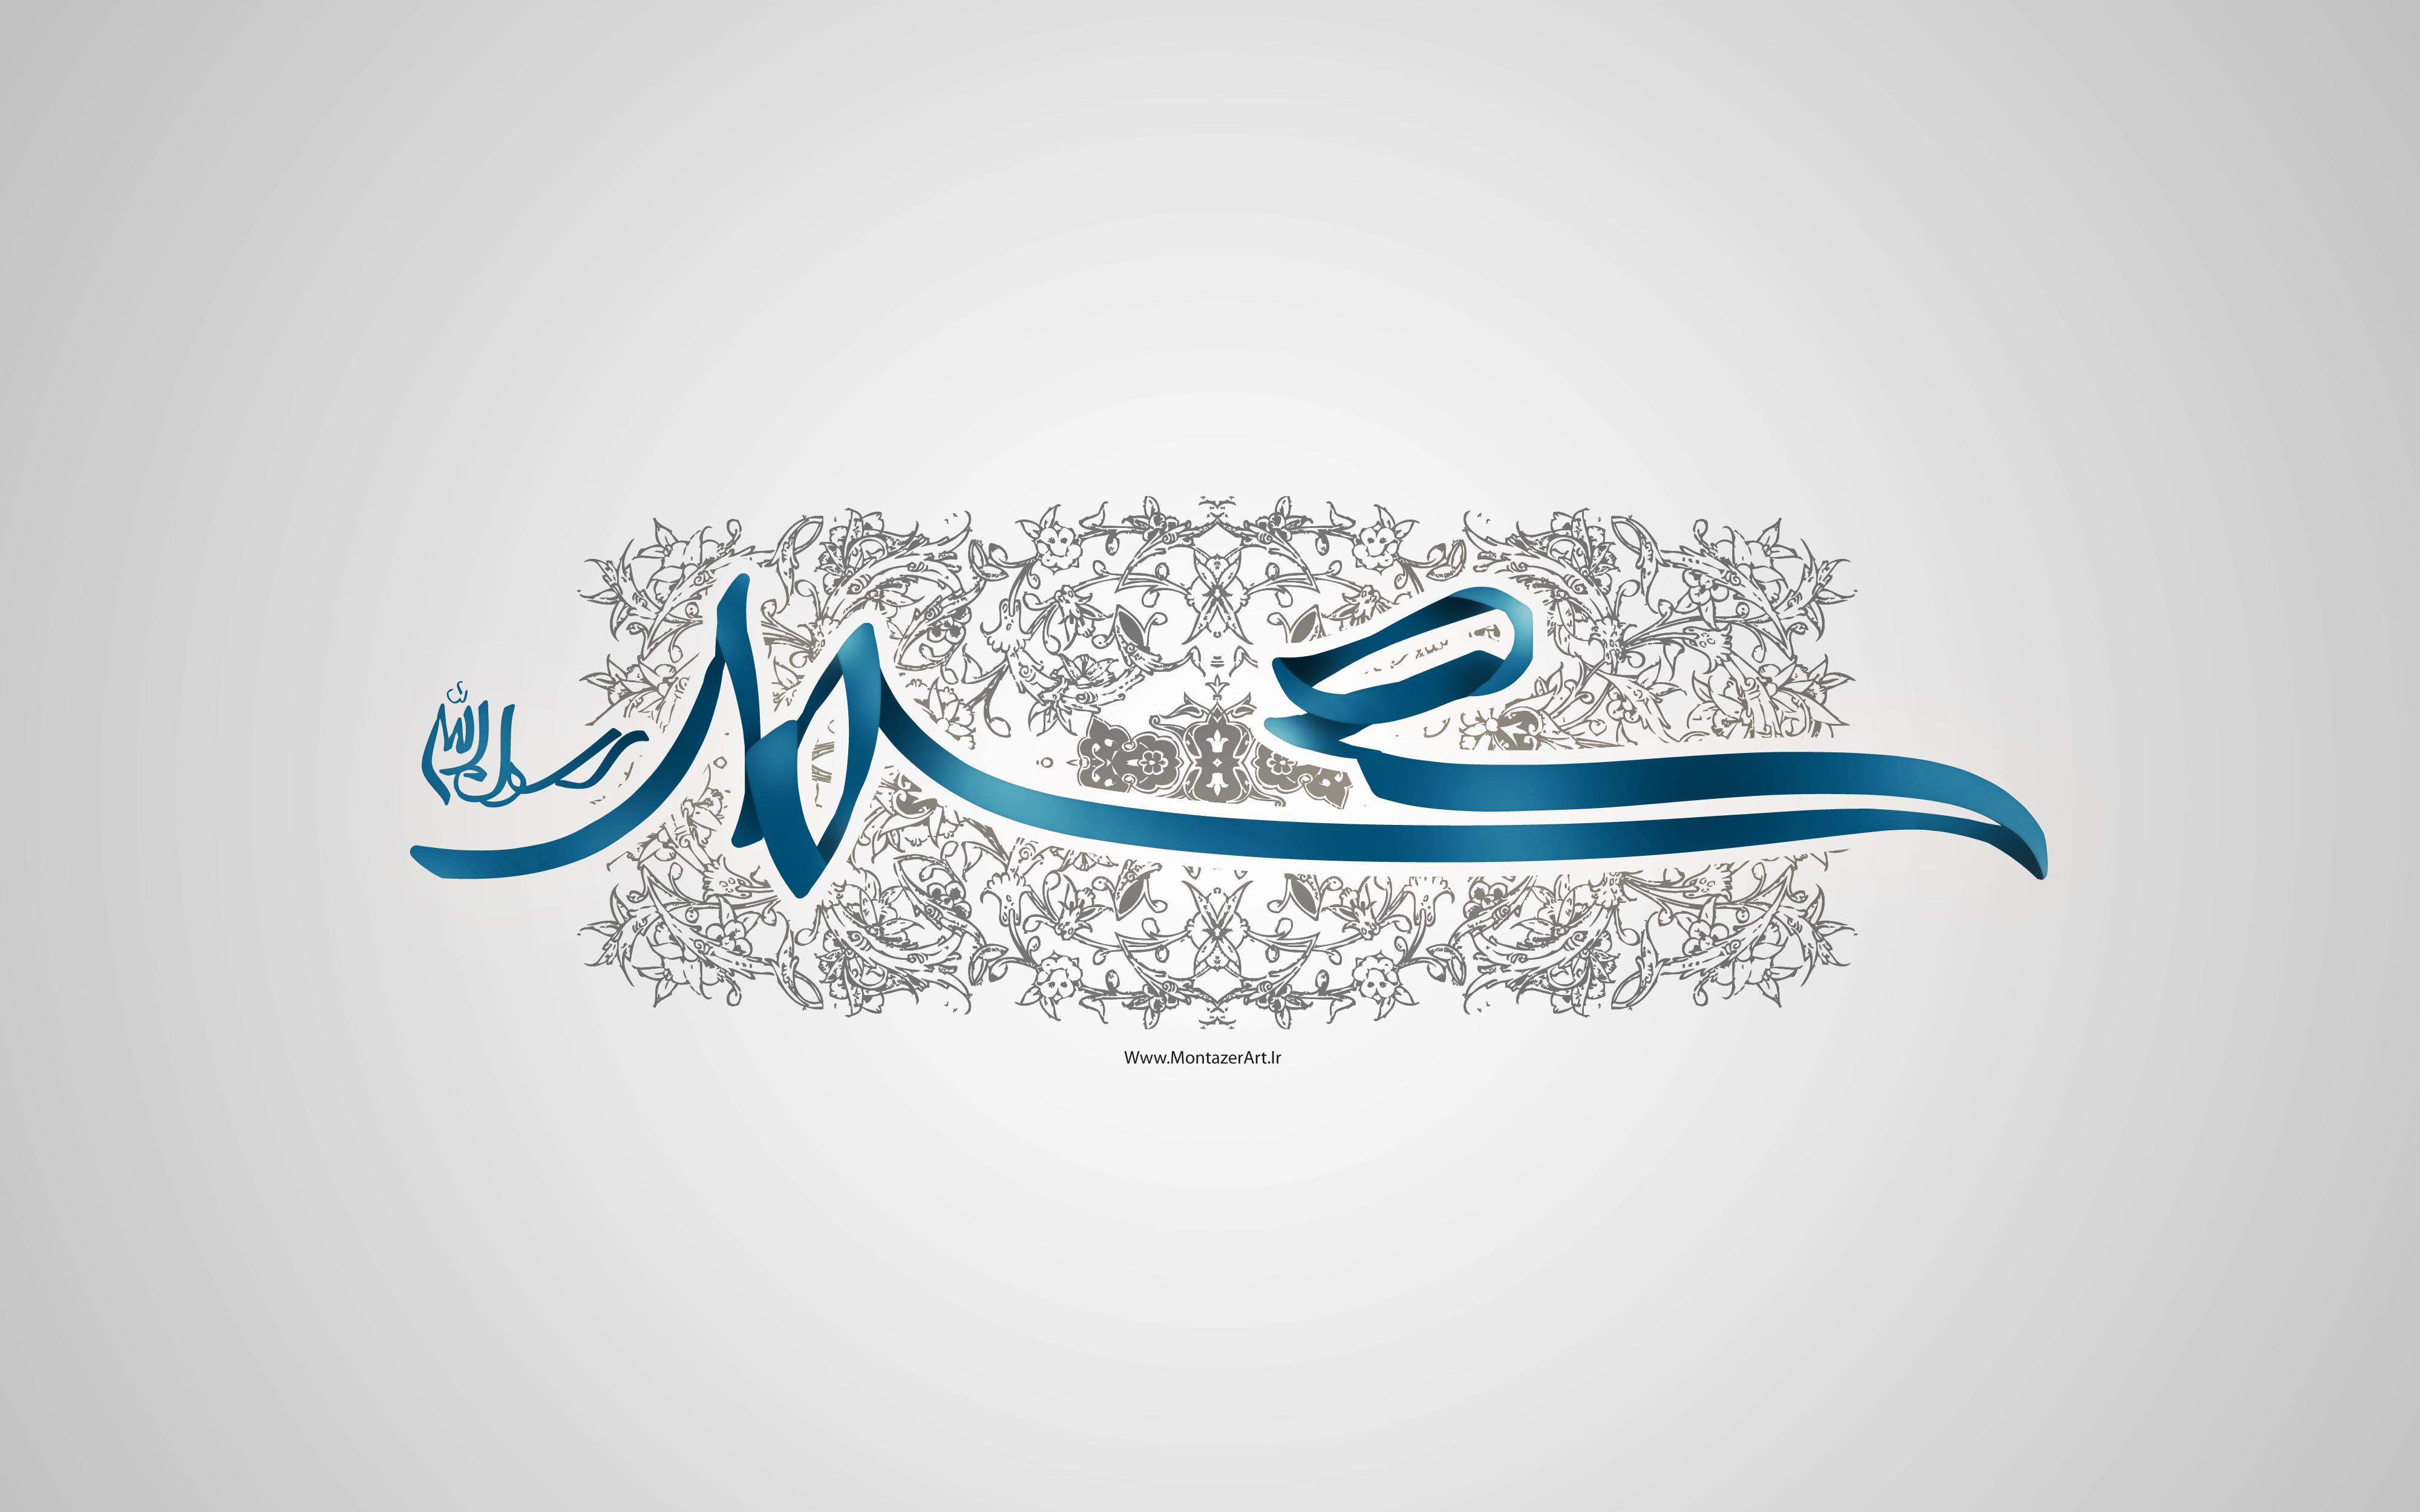 بسته شعر میلاد حضرت رسول اکرم(ص) /// در حال انجام